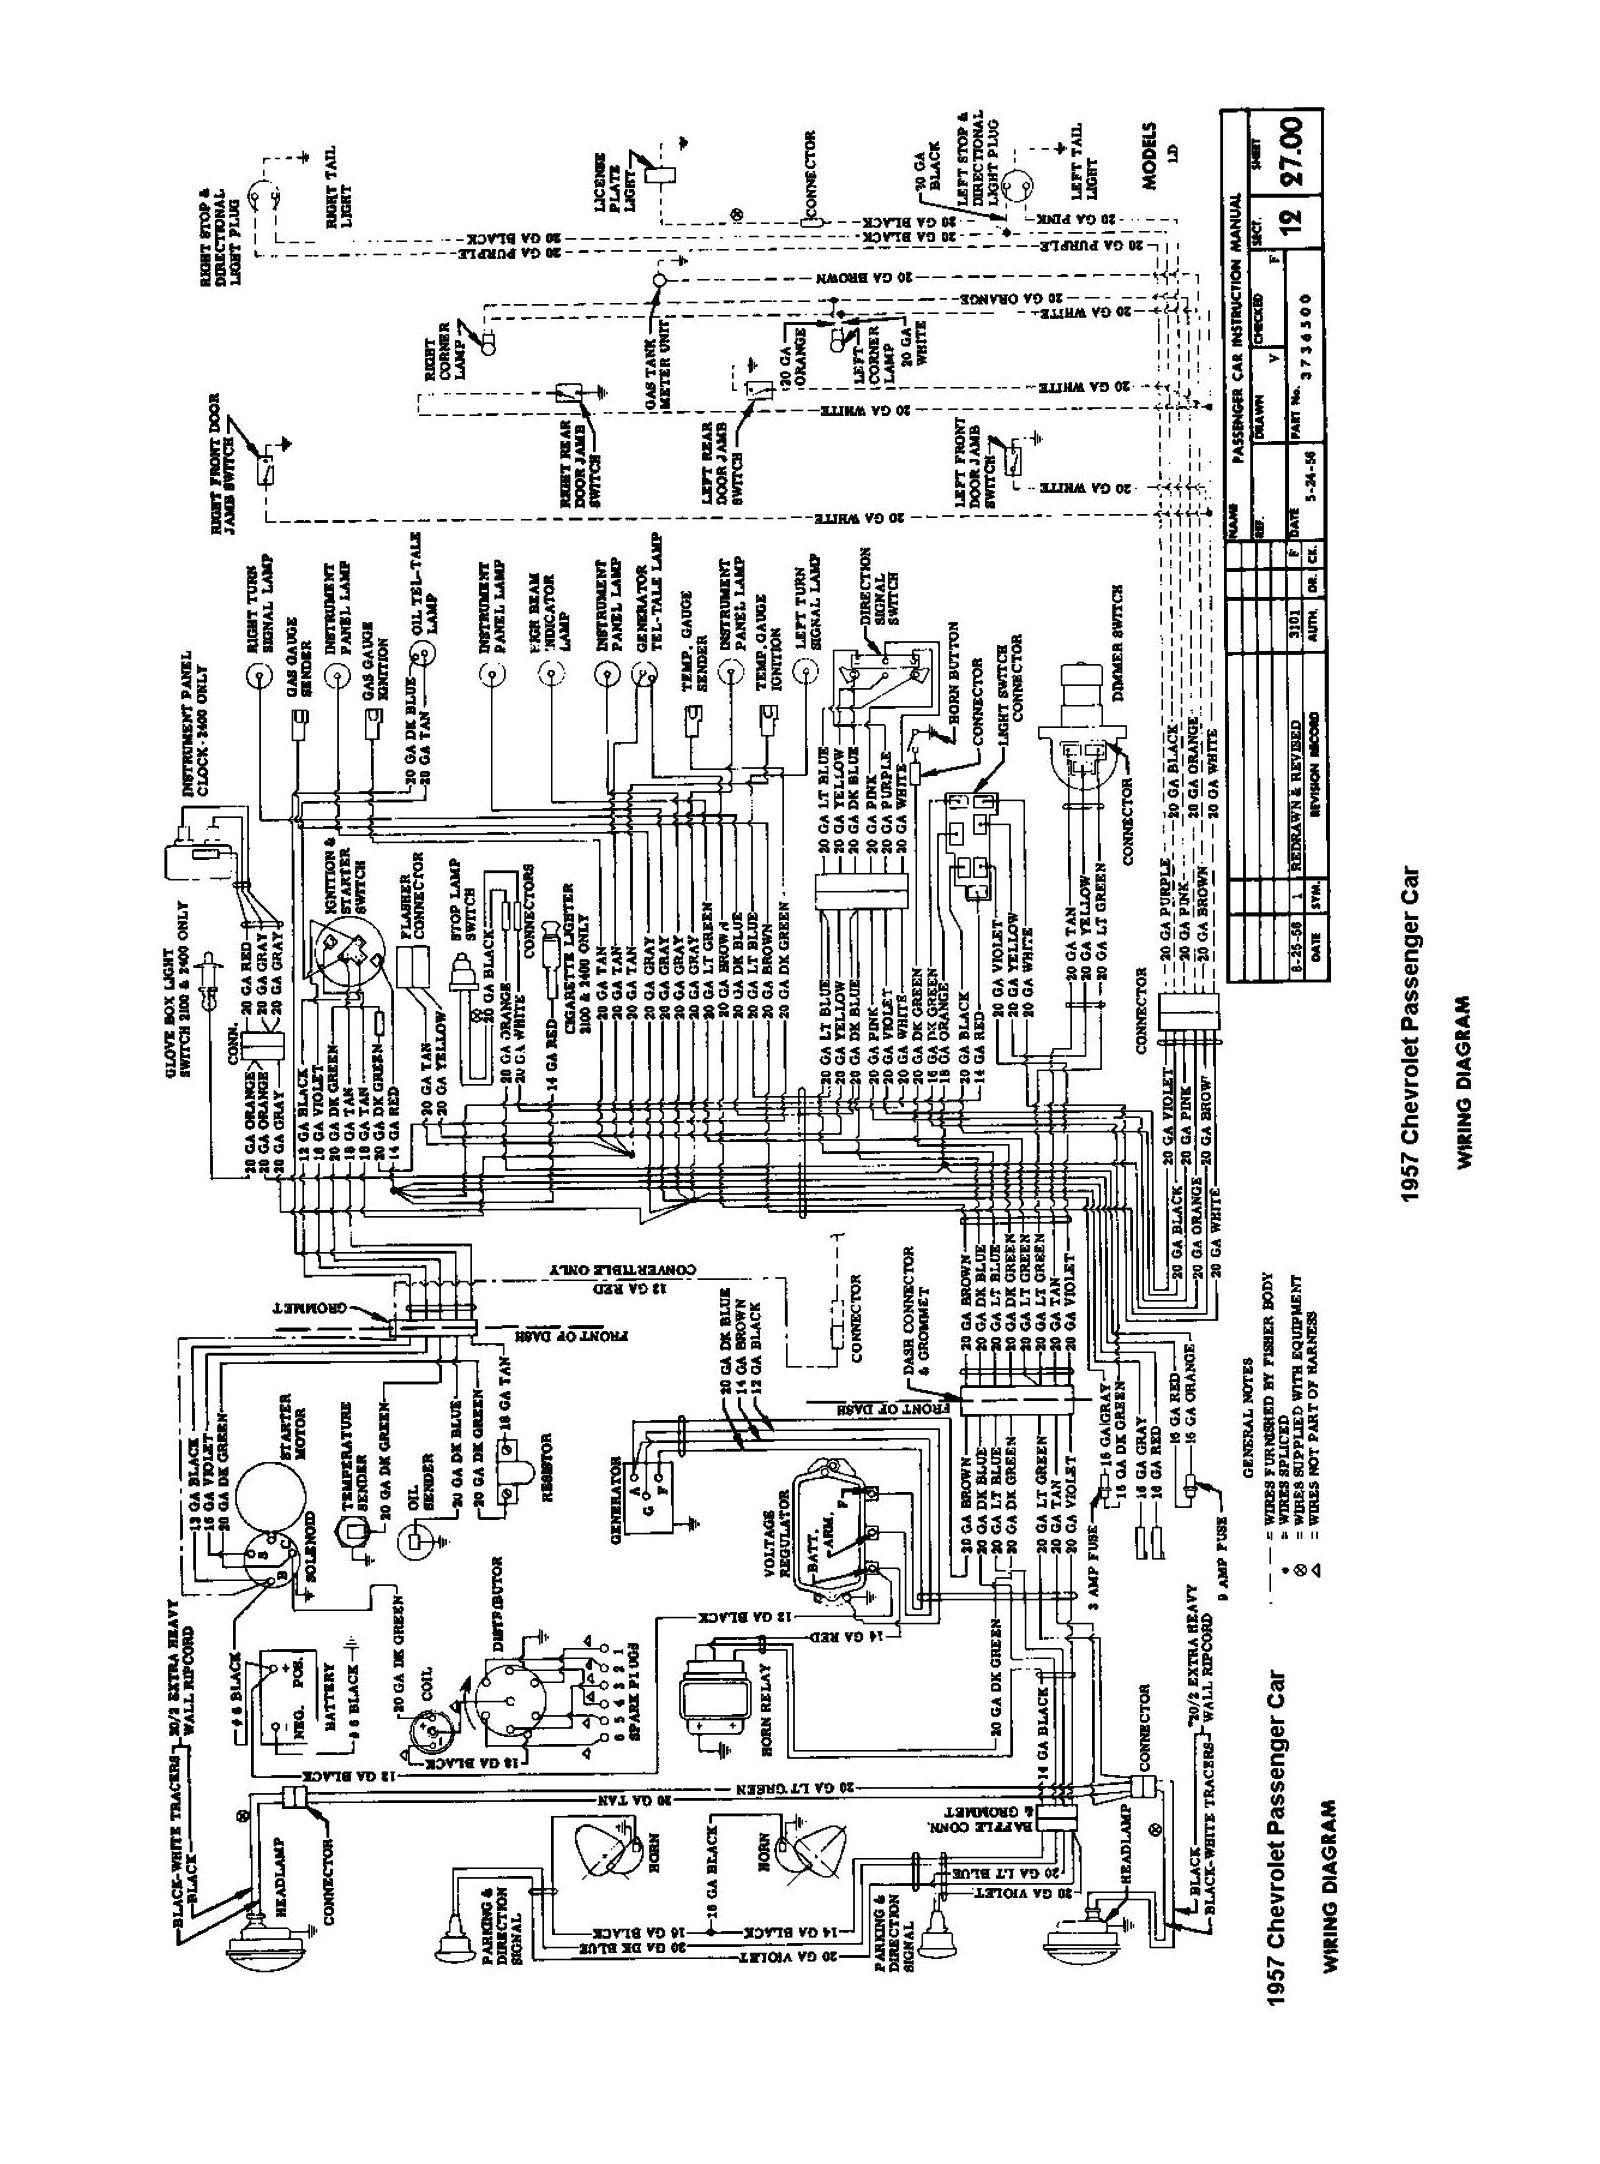 1954 Chevy Pickup Wiring Diagram  U2013 Avimar Info